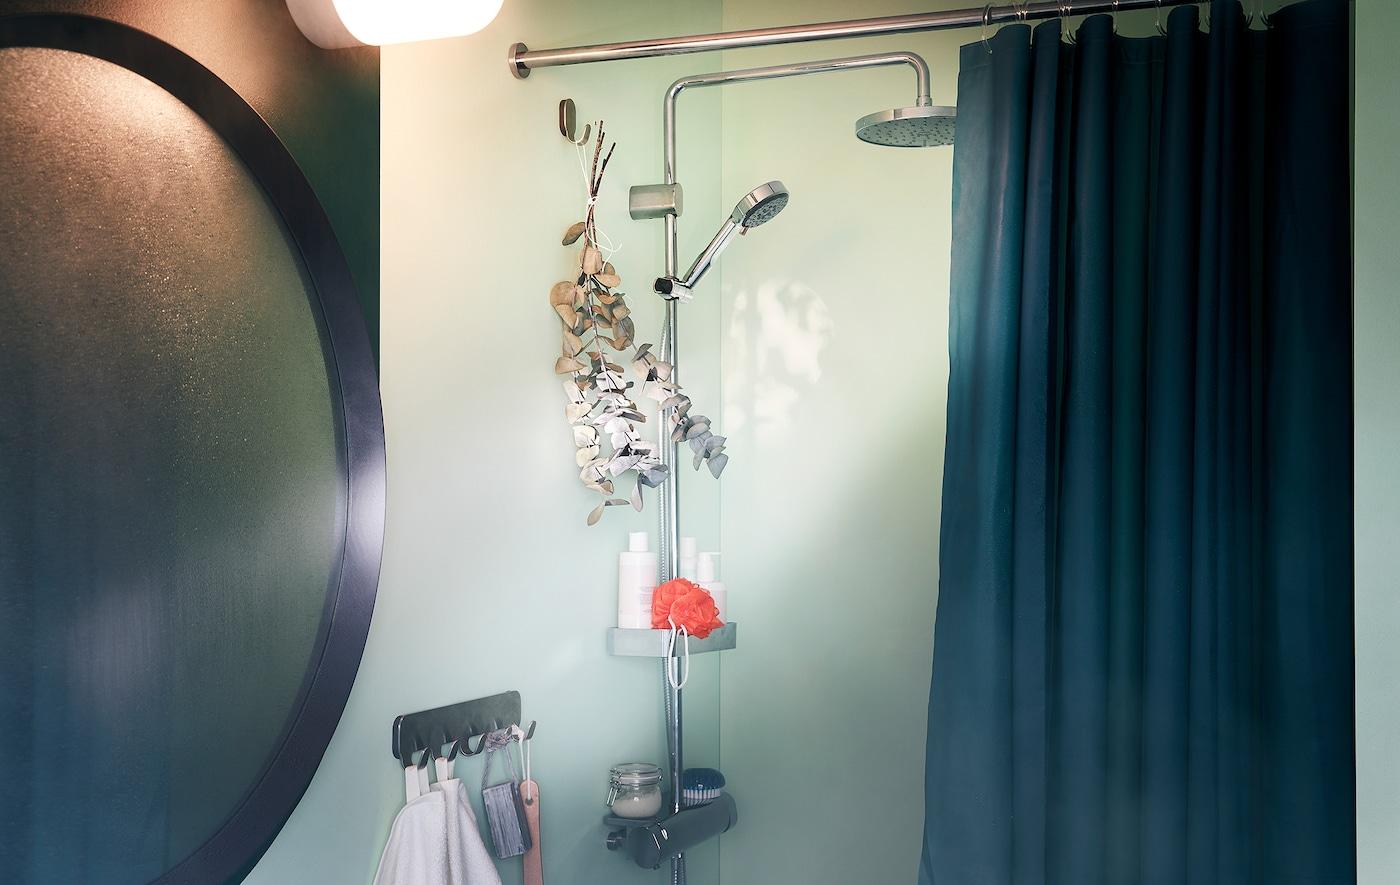 Fürdőszoba, párás tükörrel, zuhanykiegészítőkkel és eukaliptusz ágakkal.